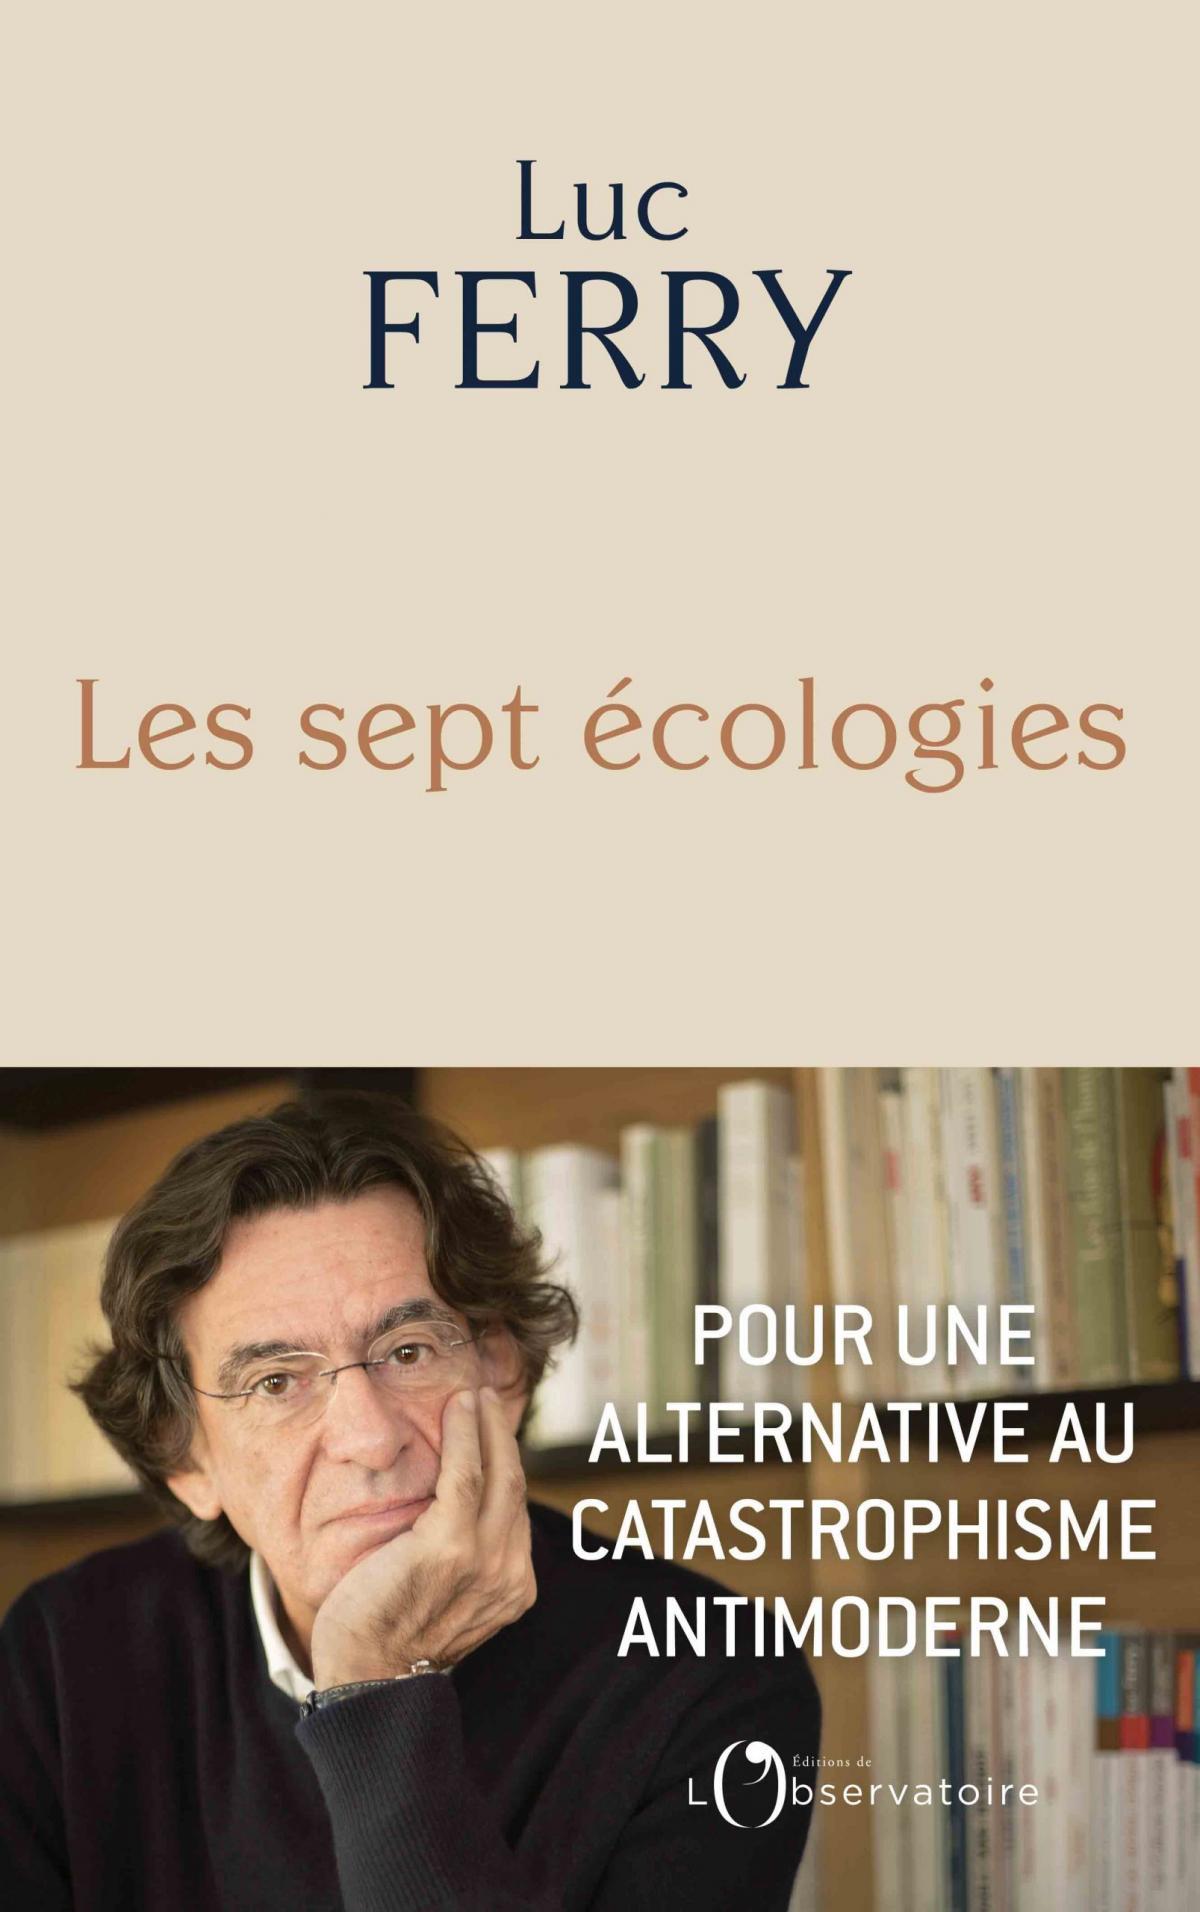 Les sept écologistes de Luc Ferry